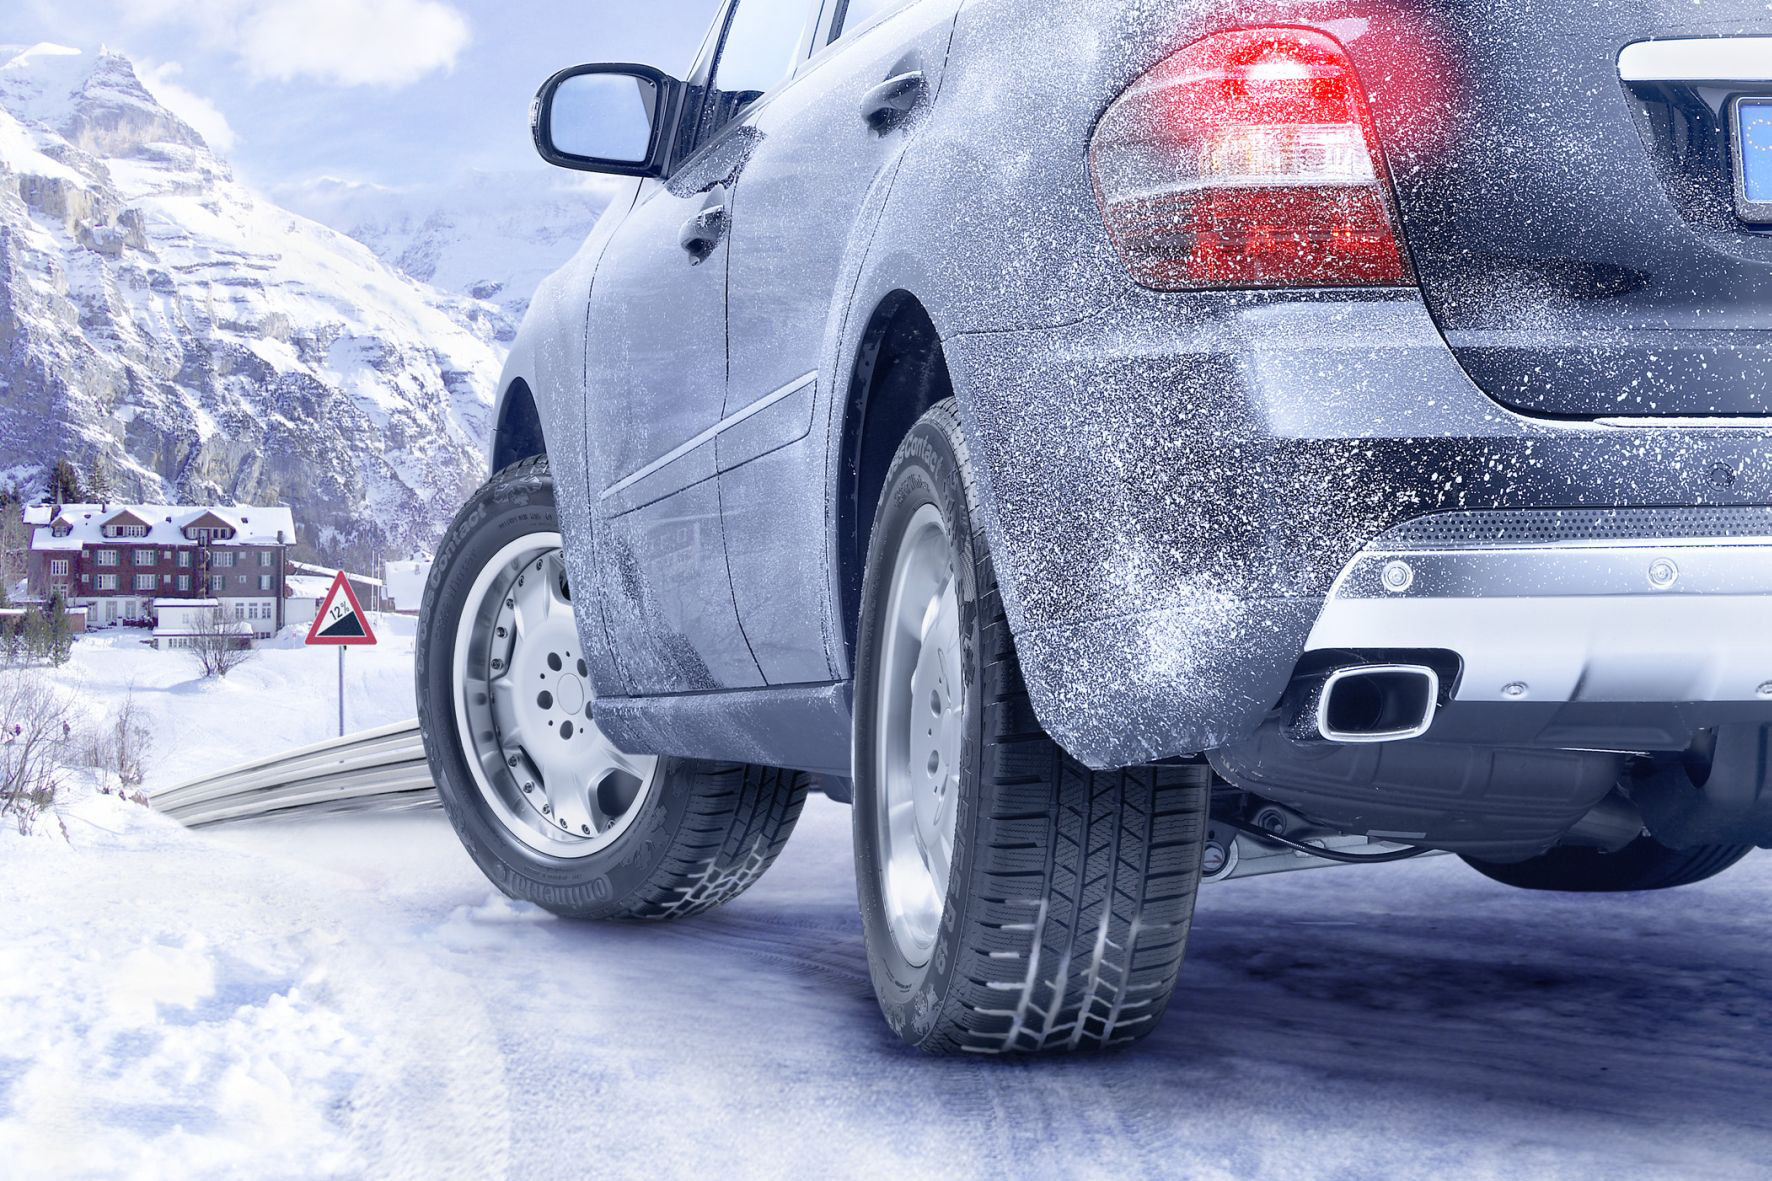 Dunkelheit, Kälte und Nässe als Herausforderung für Autofahrer